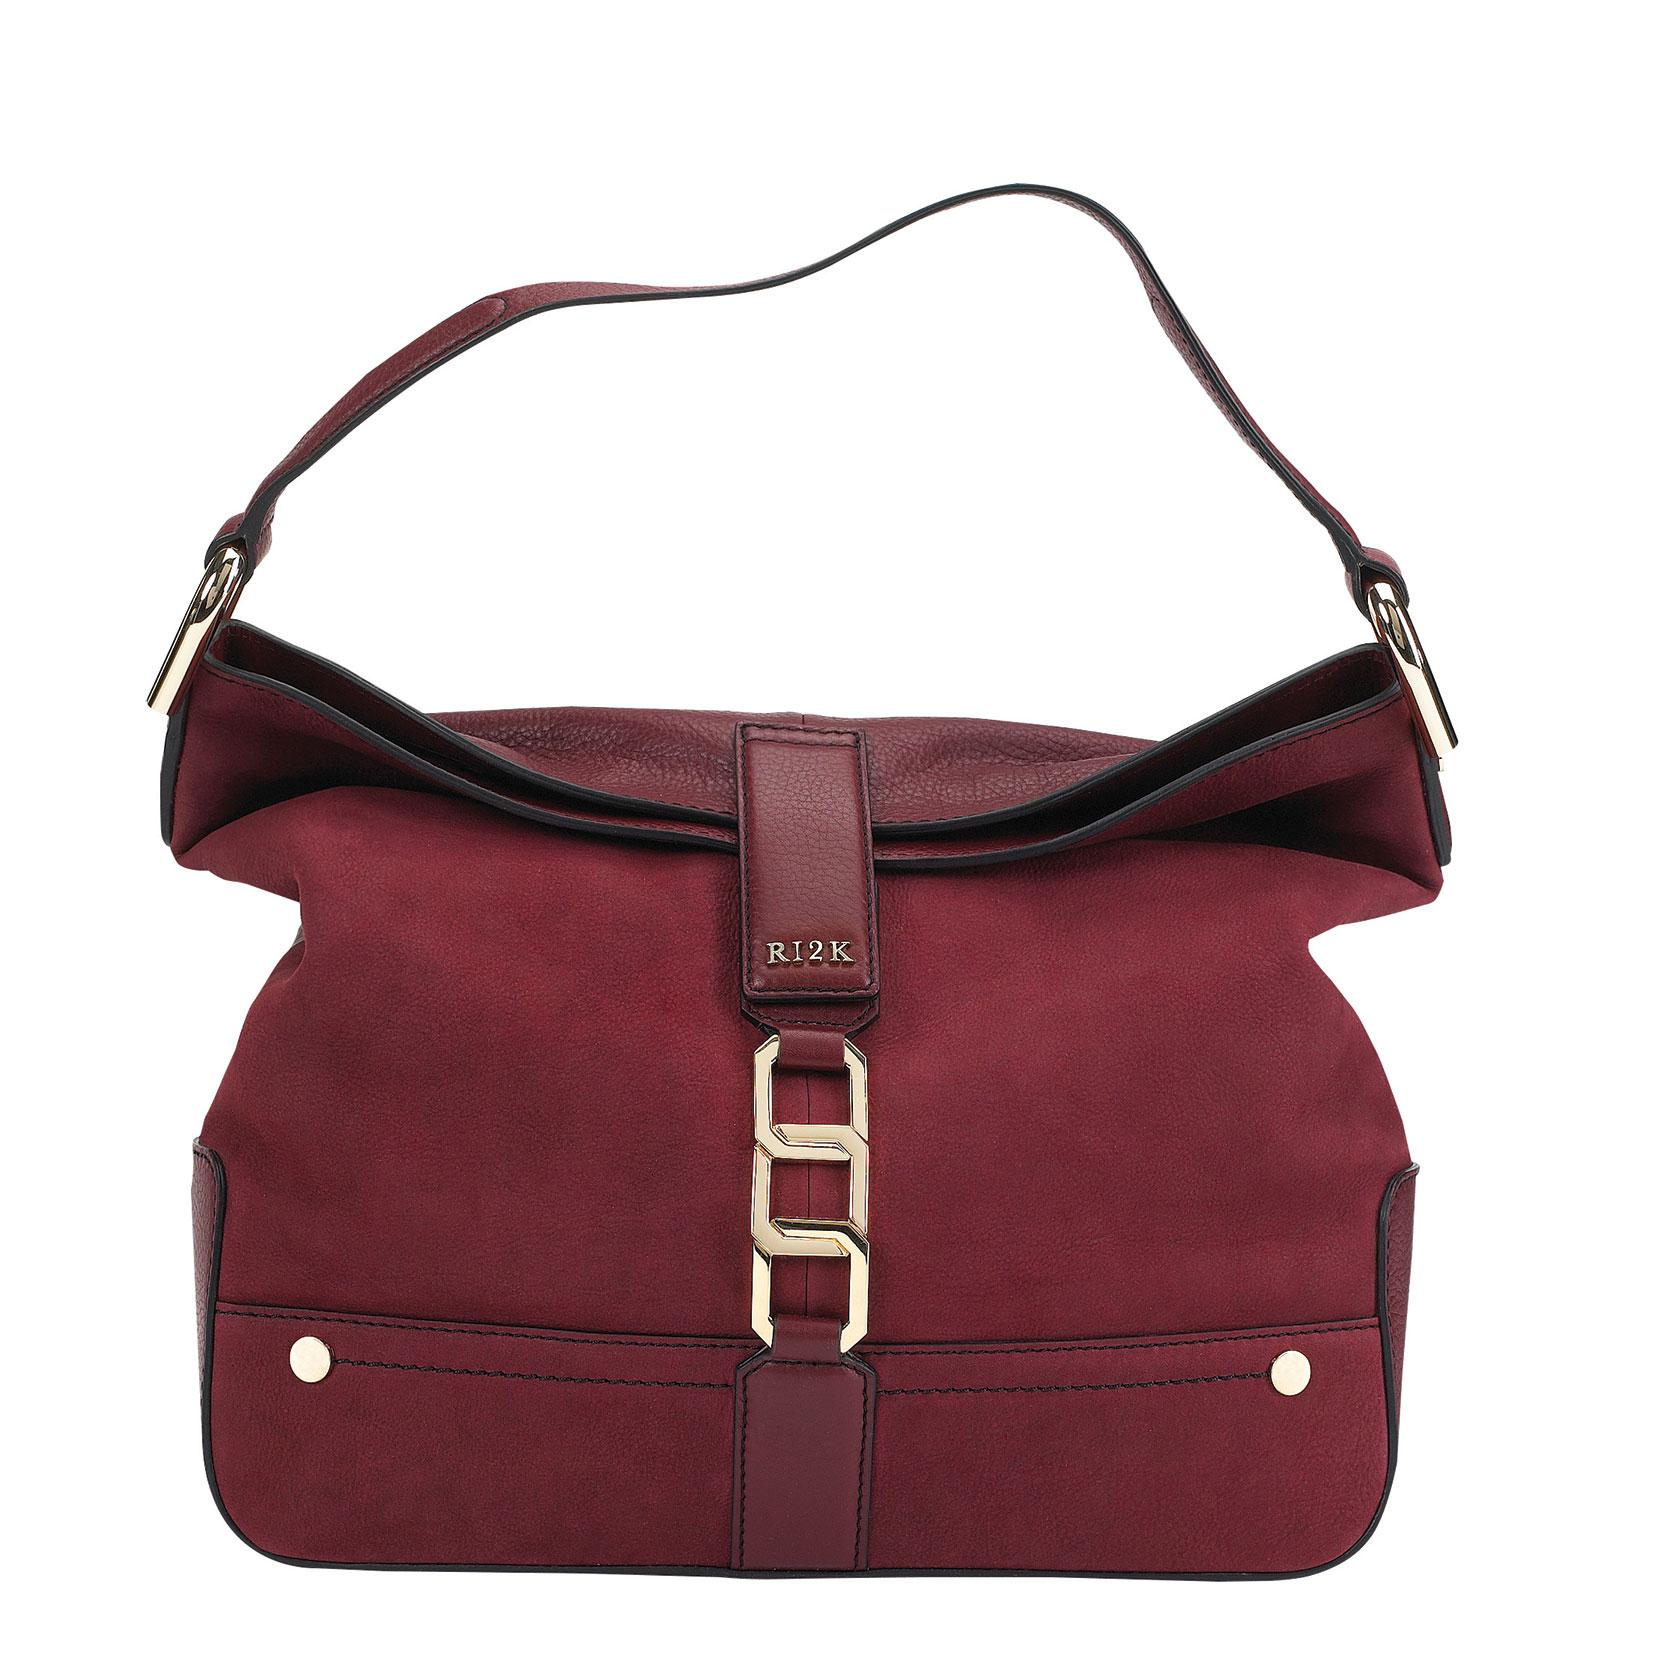 30% off all RI2K London Handbags and Purses